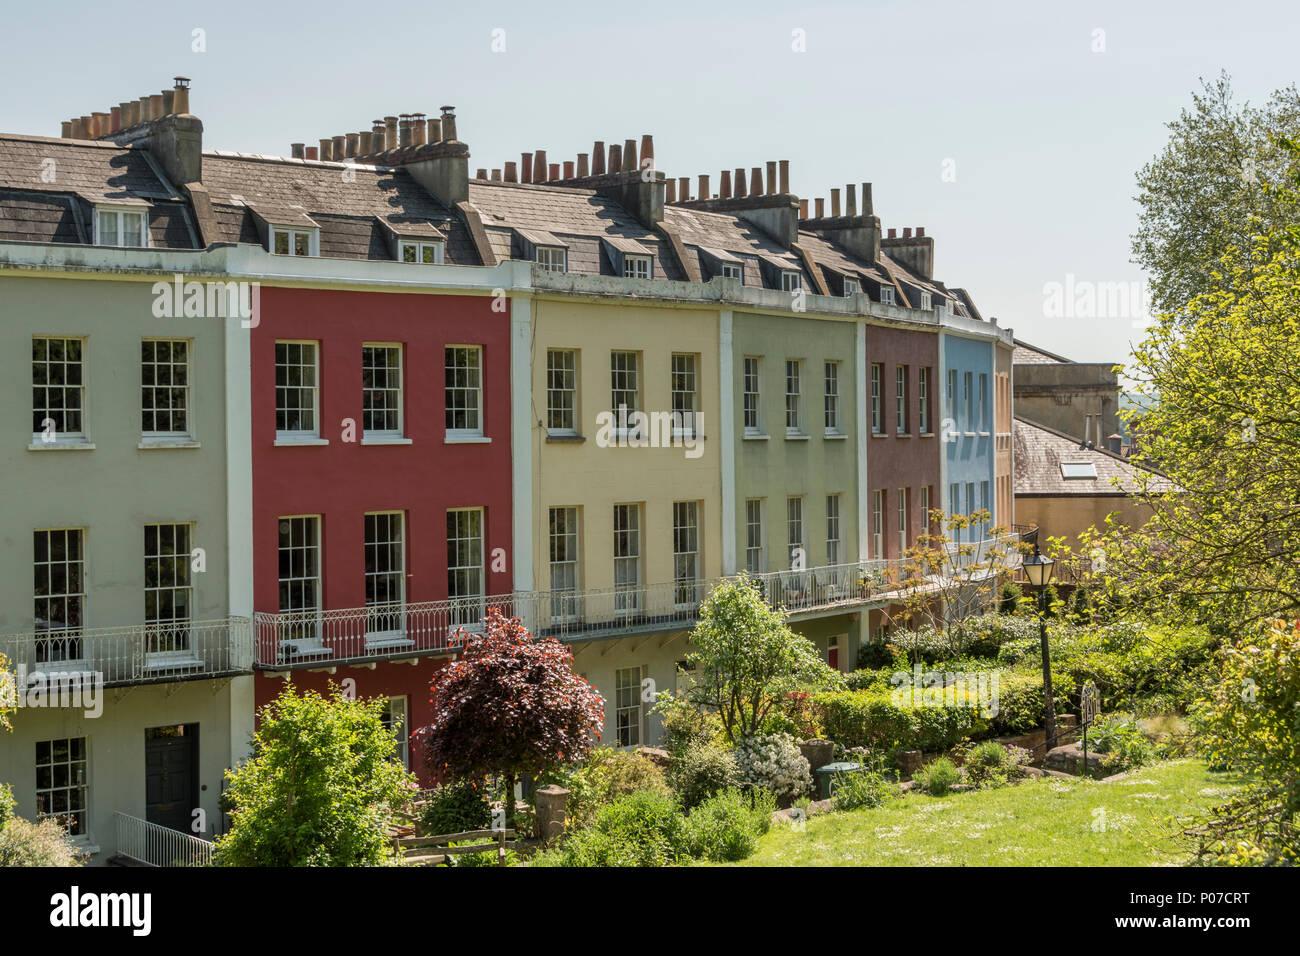 El Polígono en Cliftonwood, Bristol, Reino Unido, una calle georgiana adosada con un jardín comunitario. Imagen De Stock